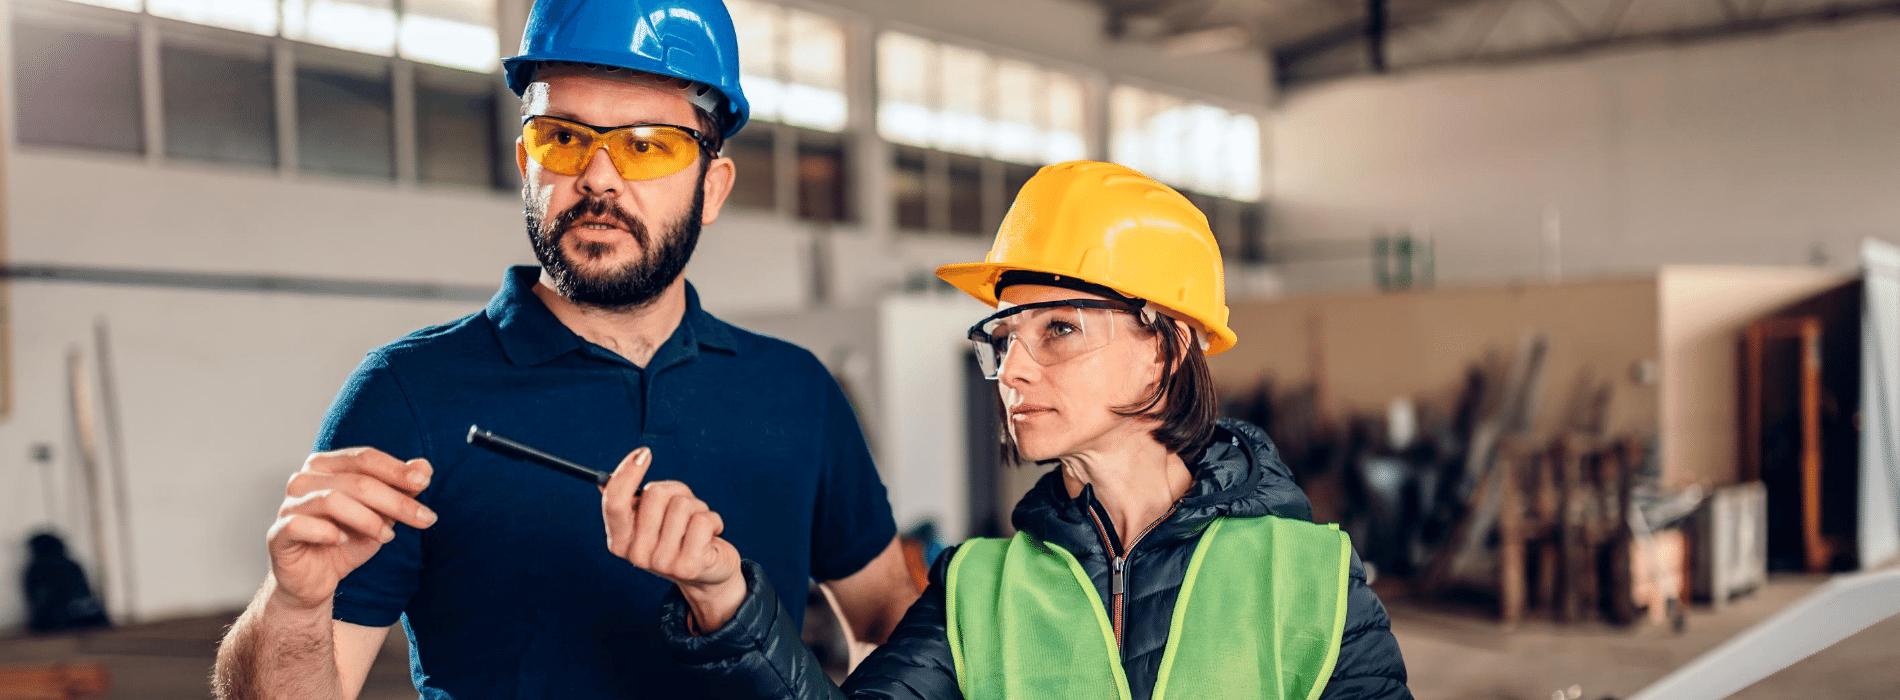 Conheça o campo de trabalho para técnico em segurança do trabalho!